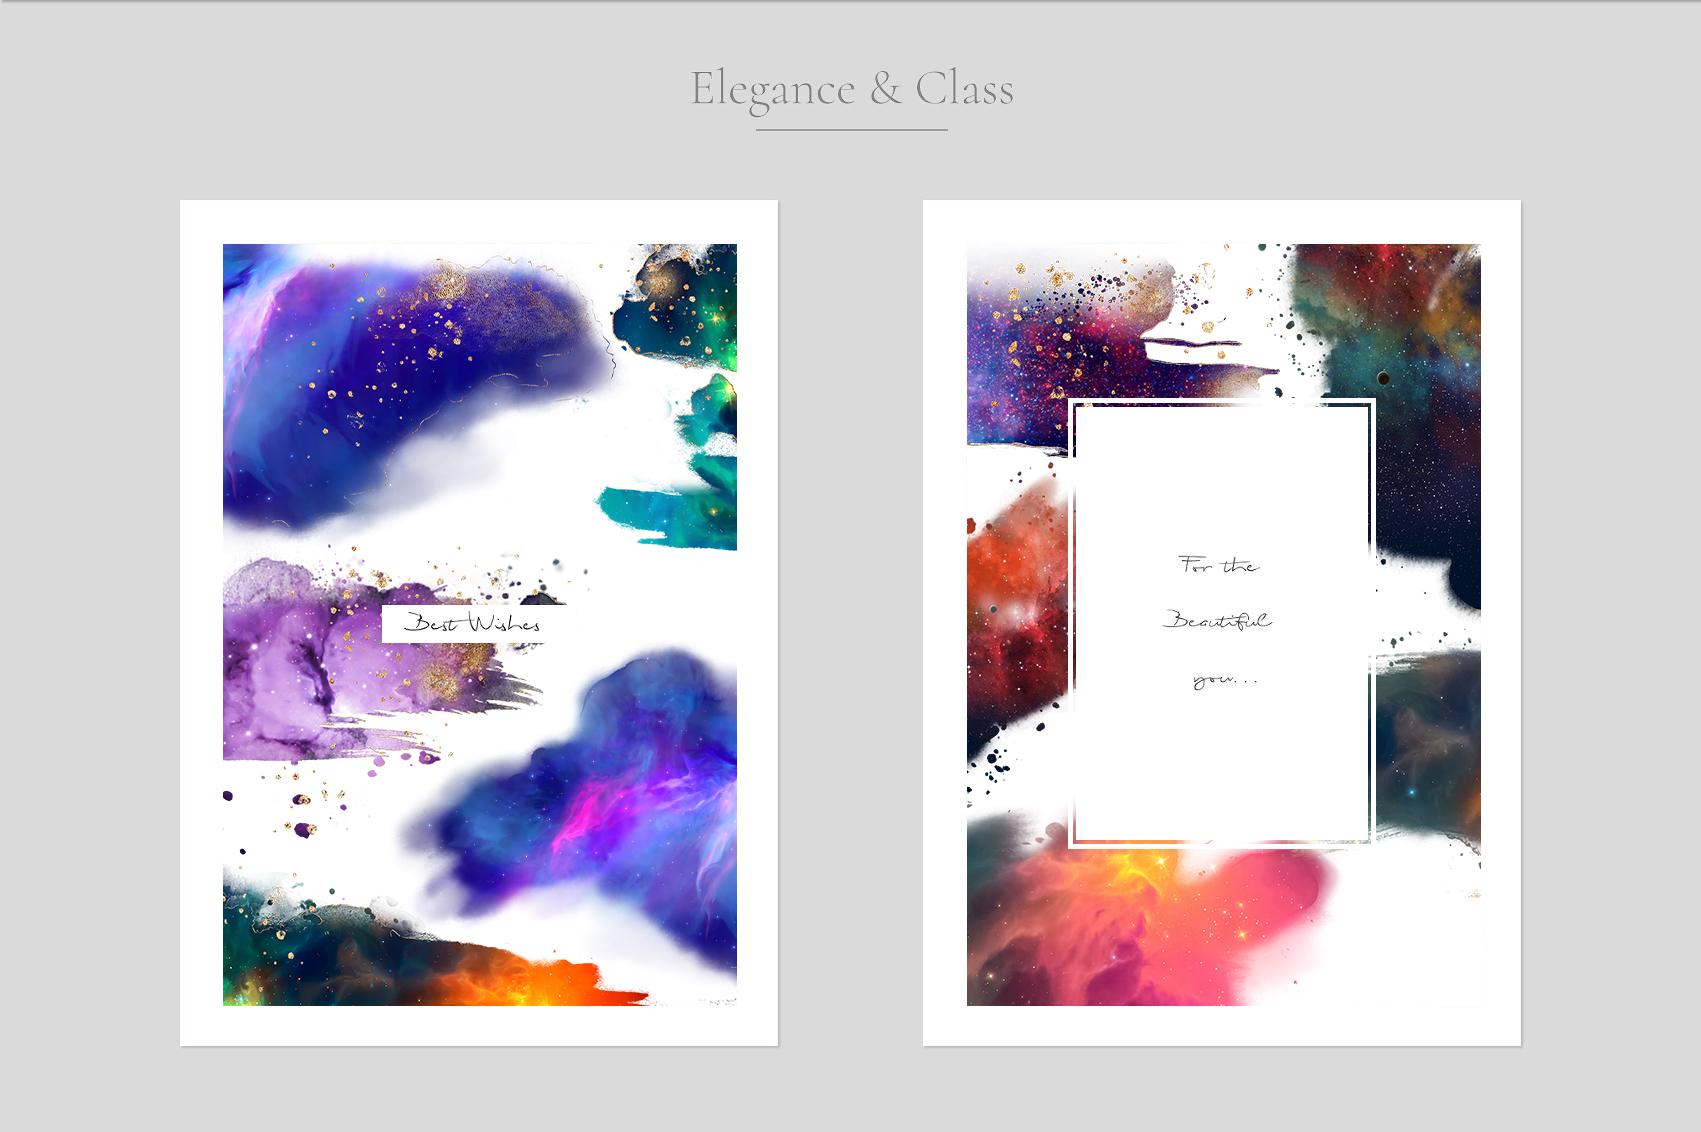 炫彩星云星系宇宙空间水墨背景图片设计素材 Galaxy Watercolor插图4